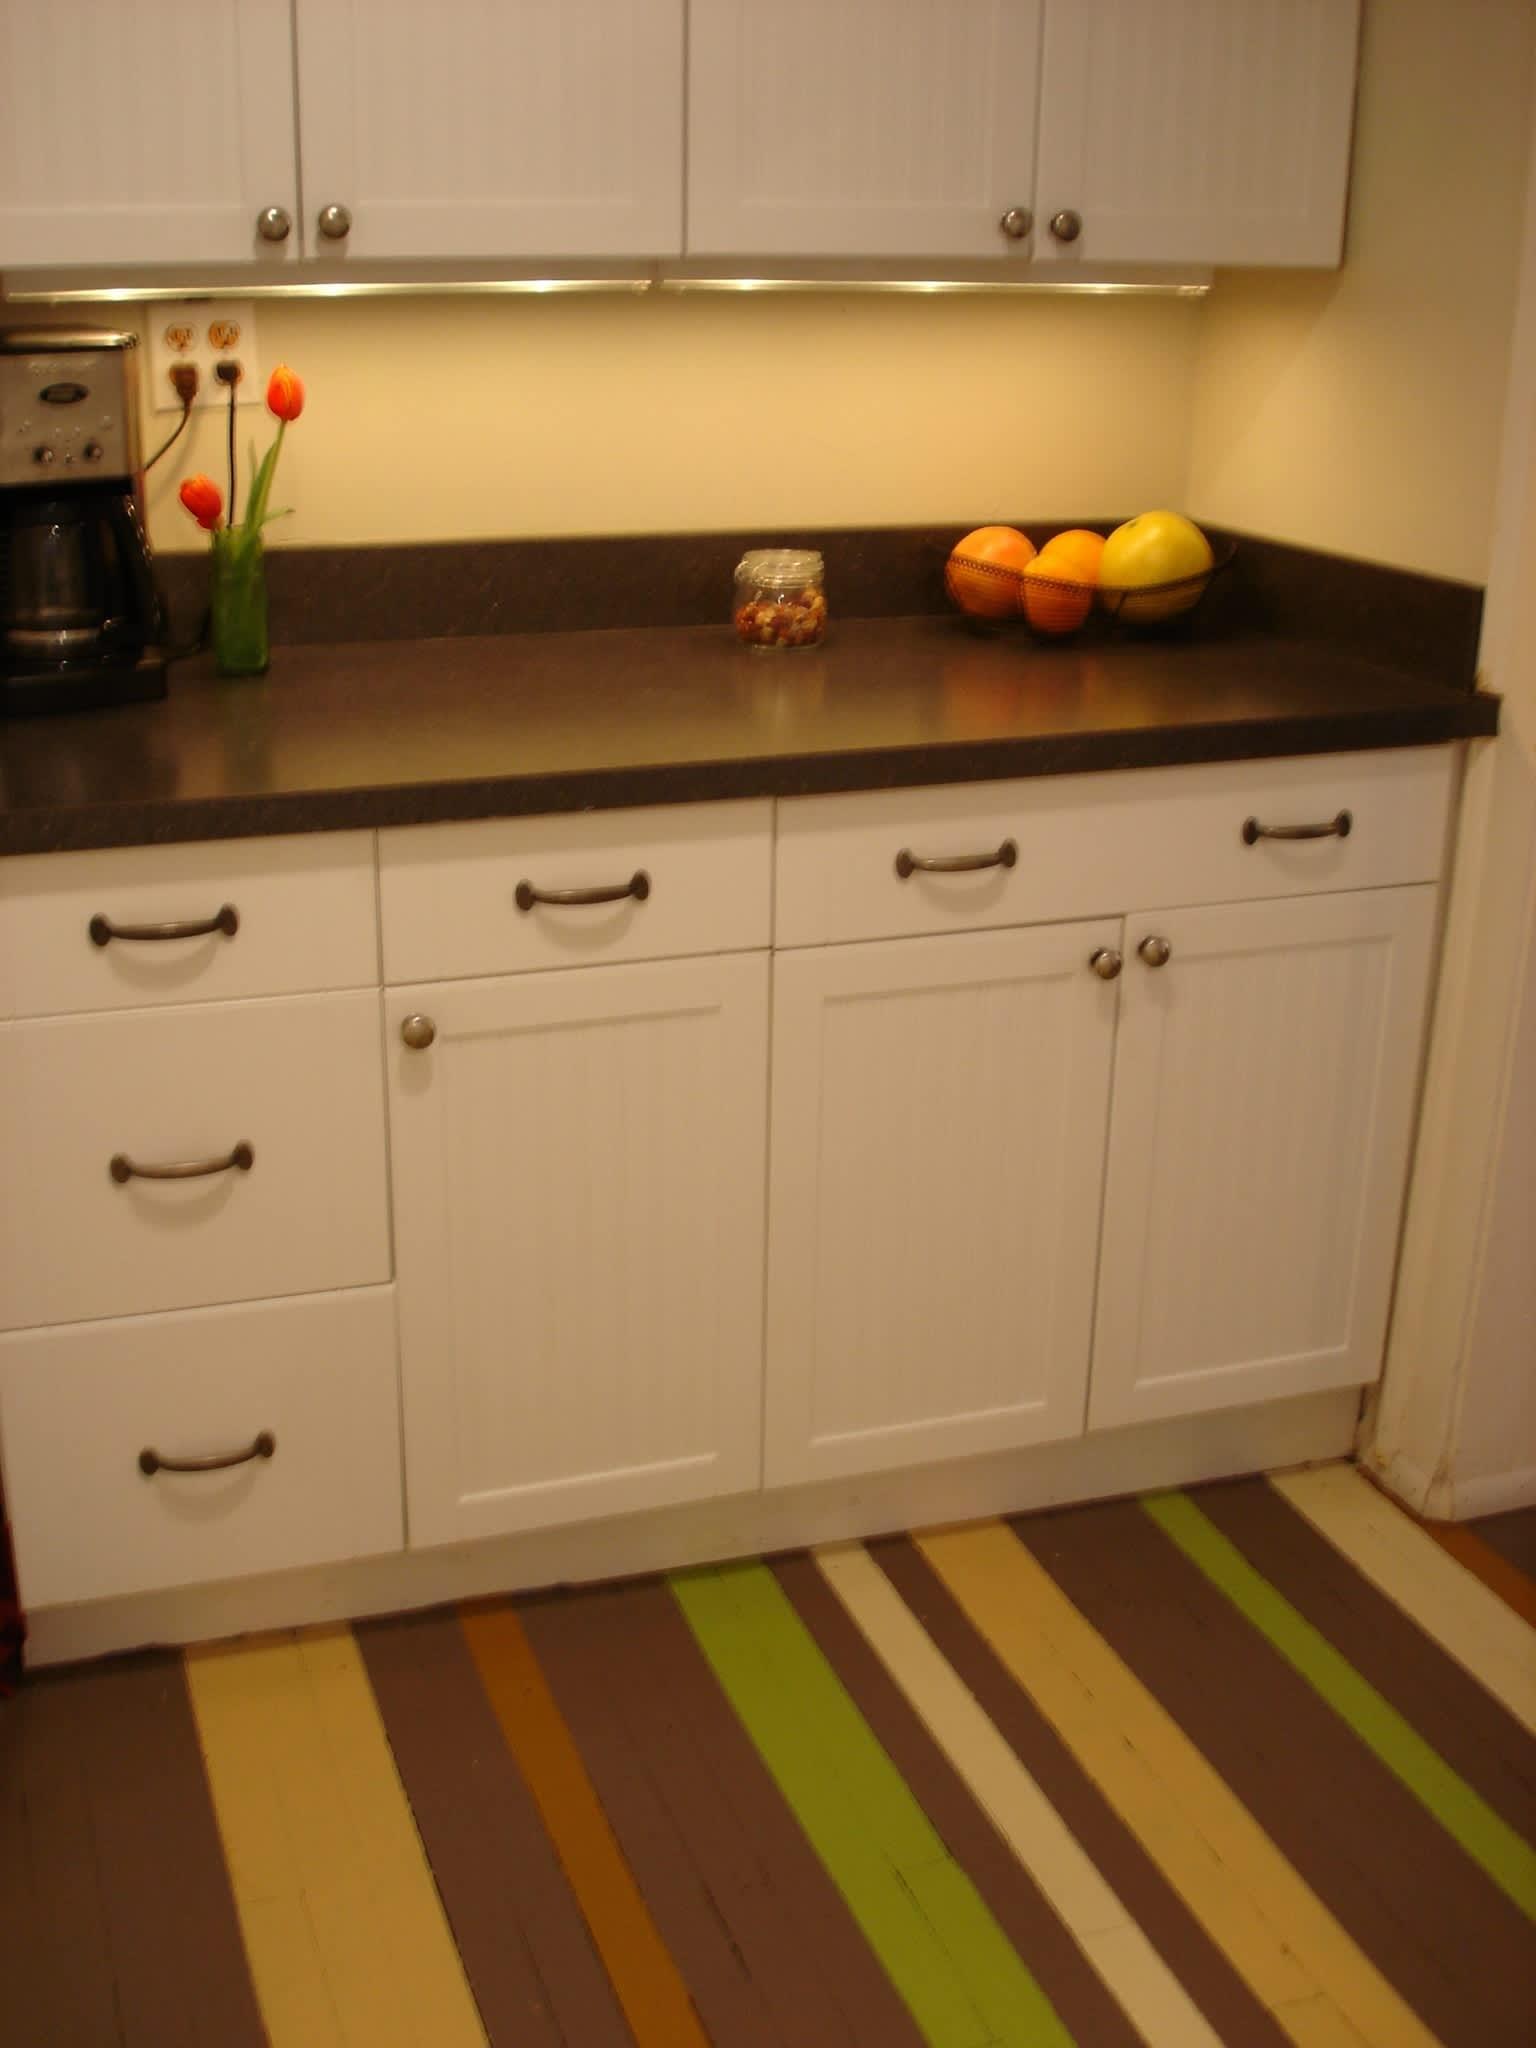 Alex's Cheery Chicago Kitchen: gallery image 4